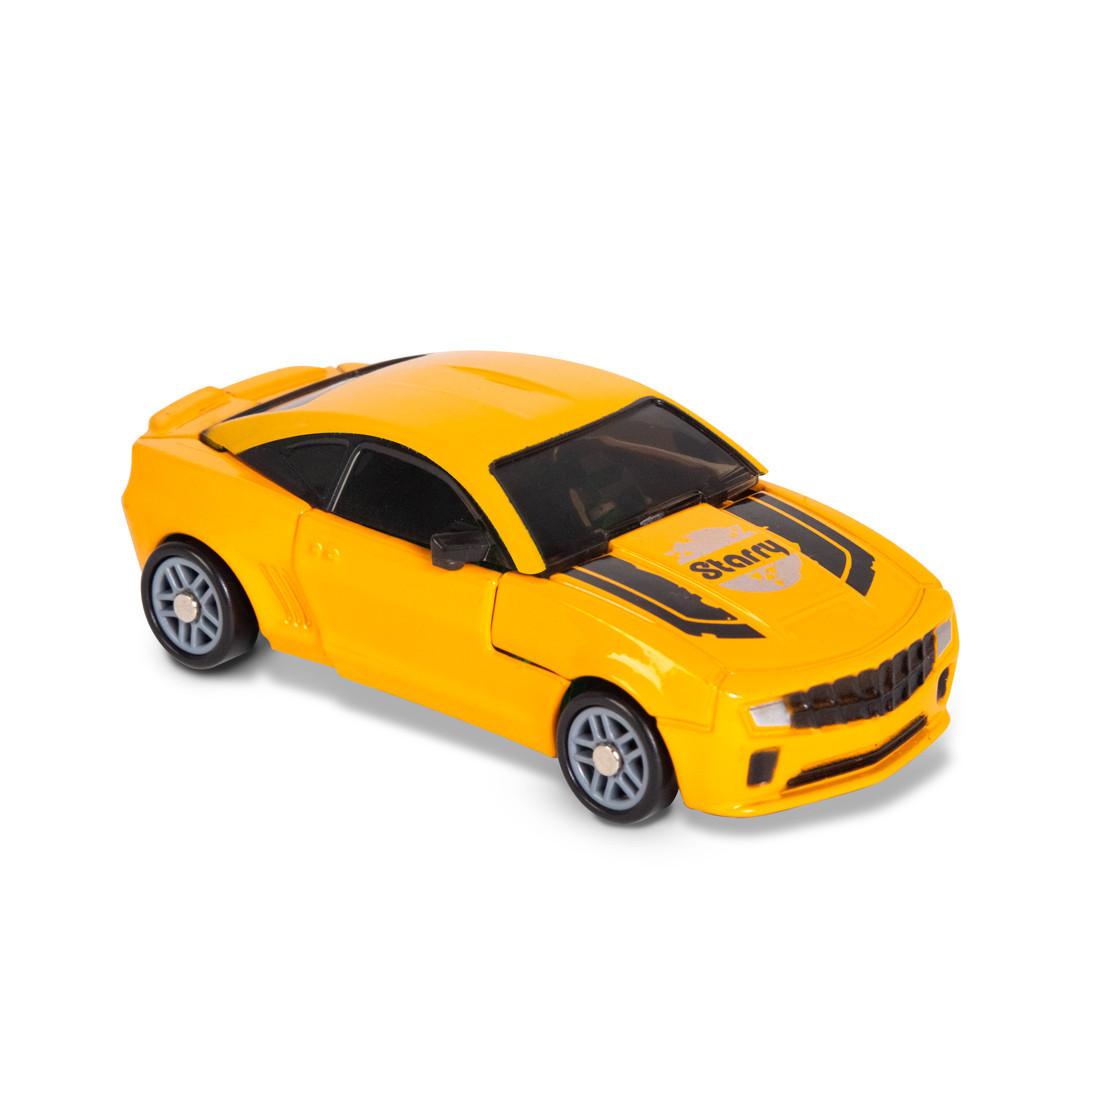 Игрушка трансформер Rastar RS Transformable car S, Трансформации: Робот, автомобиль, Цвет: Жёлтый, (66240Y)